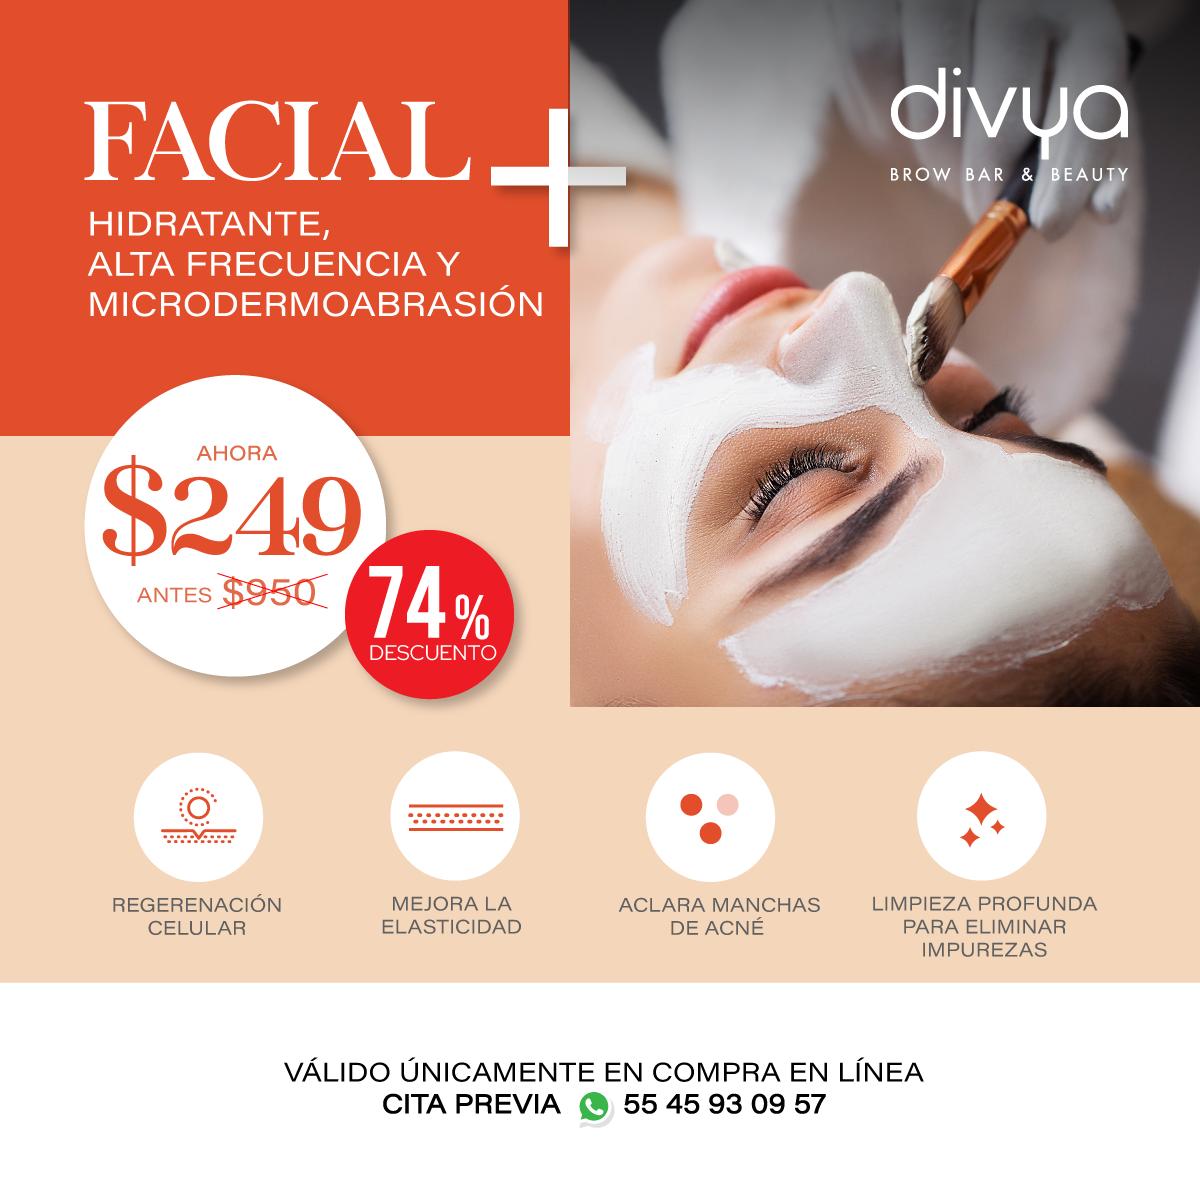 Facial + Microdermobrasión y Alta Frecuencia- SÓLO COSMOPOL&w=900&h=900&fit=crop